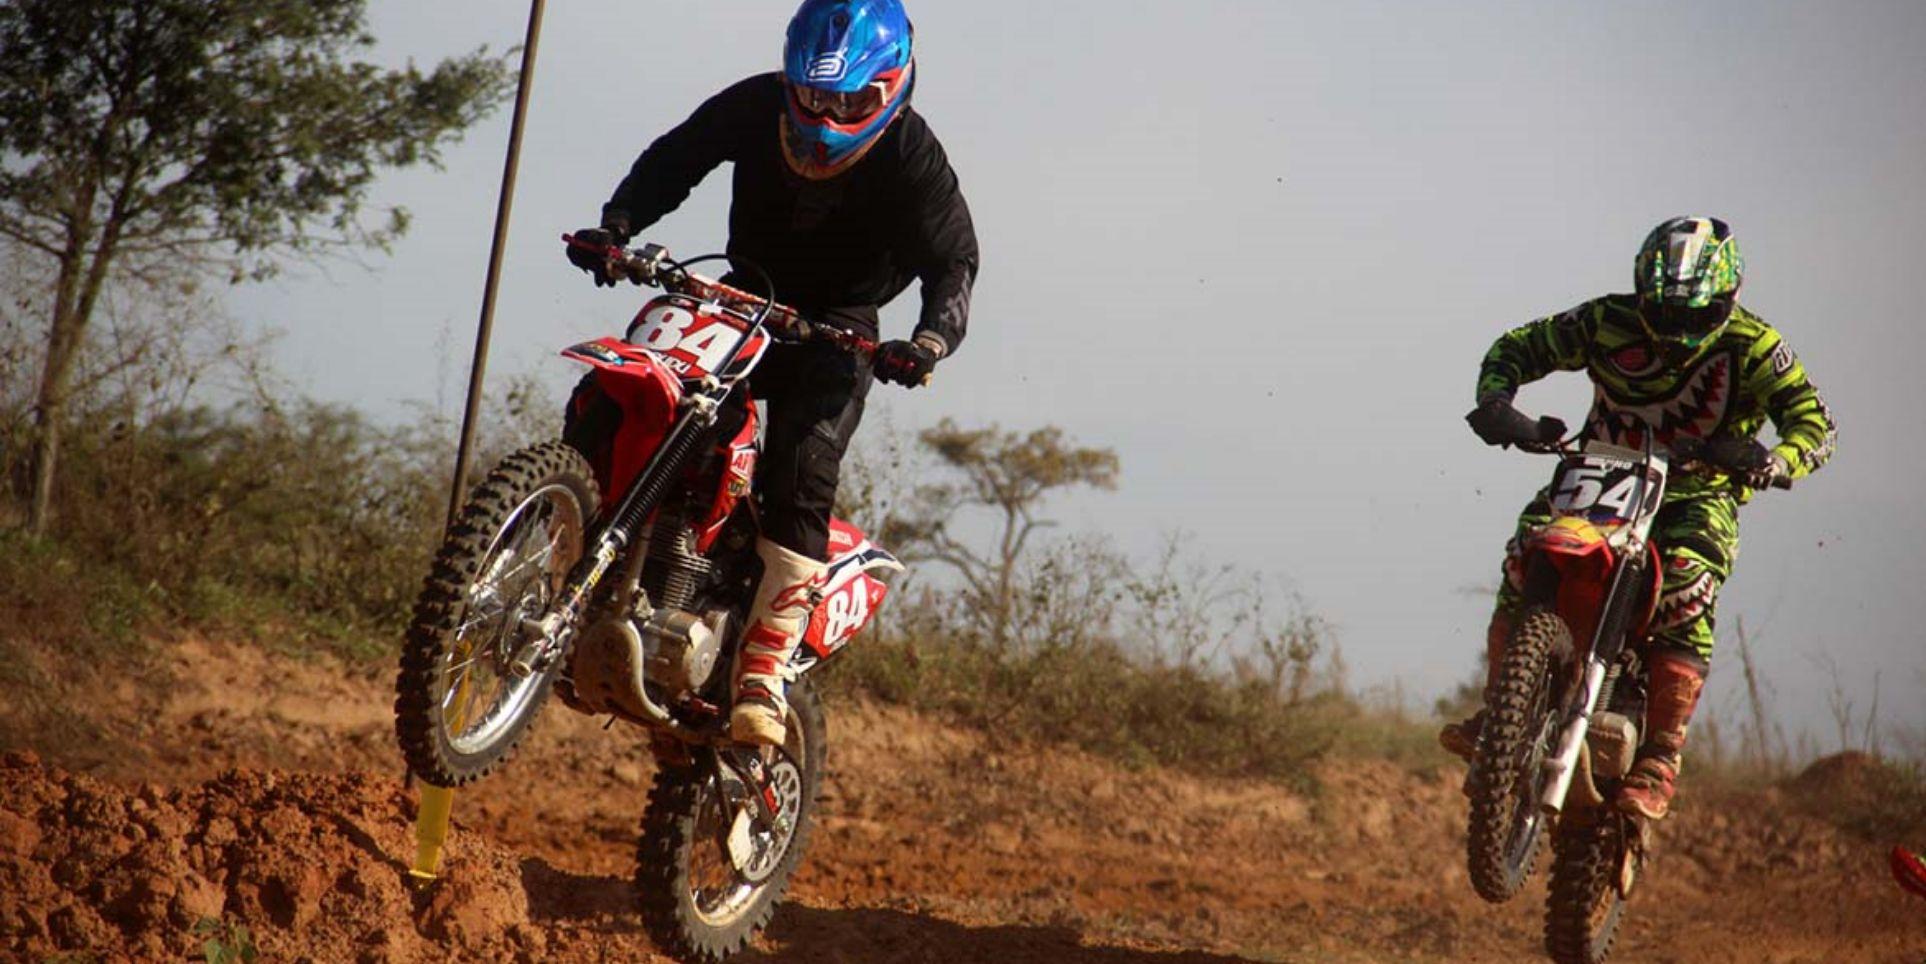 Torneio Moto Off Road - Itu/SP